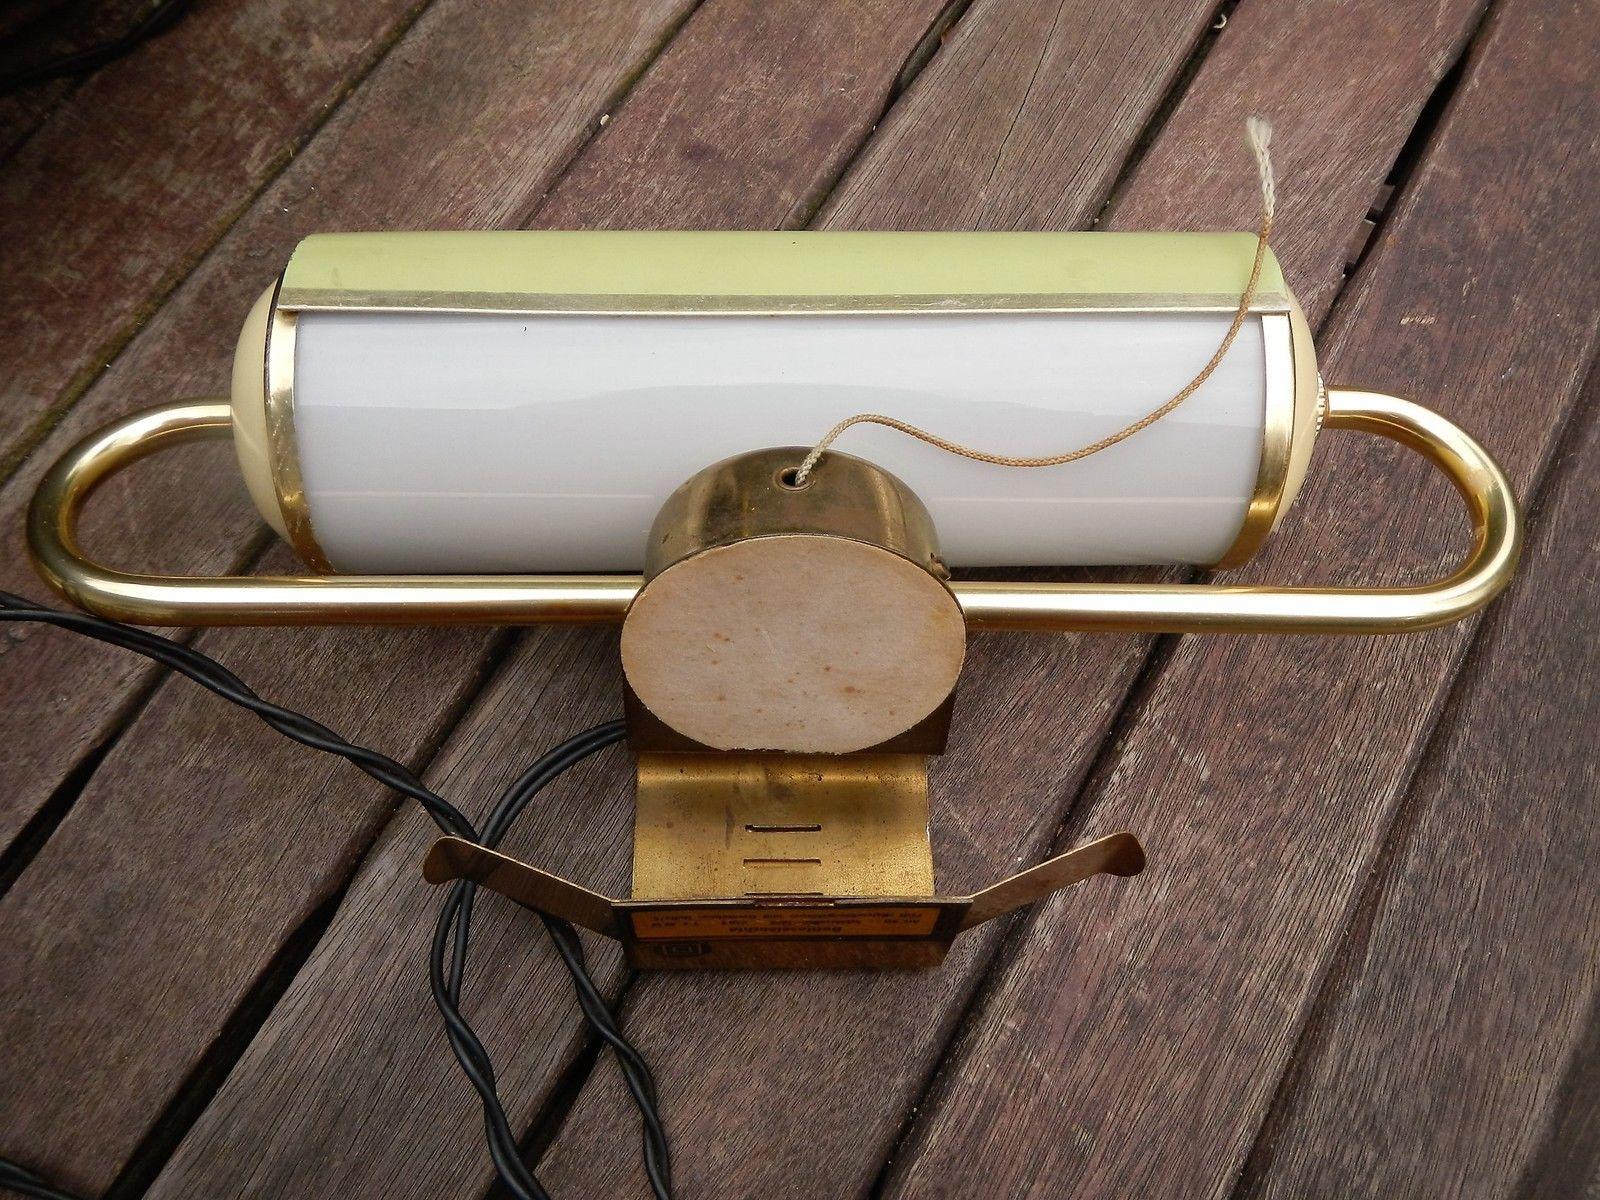 Wandlampe Badezimmer ~ Die besten 25 spiegellampe ideen auf pinterest samaipata